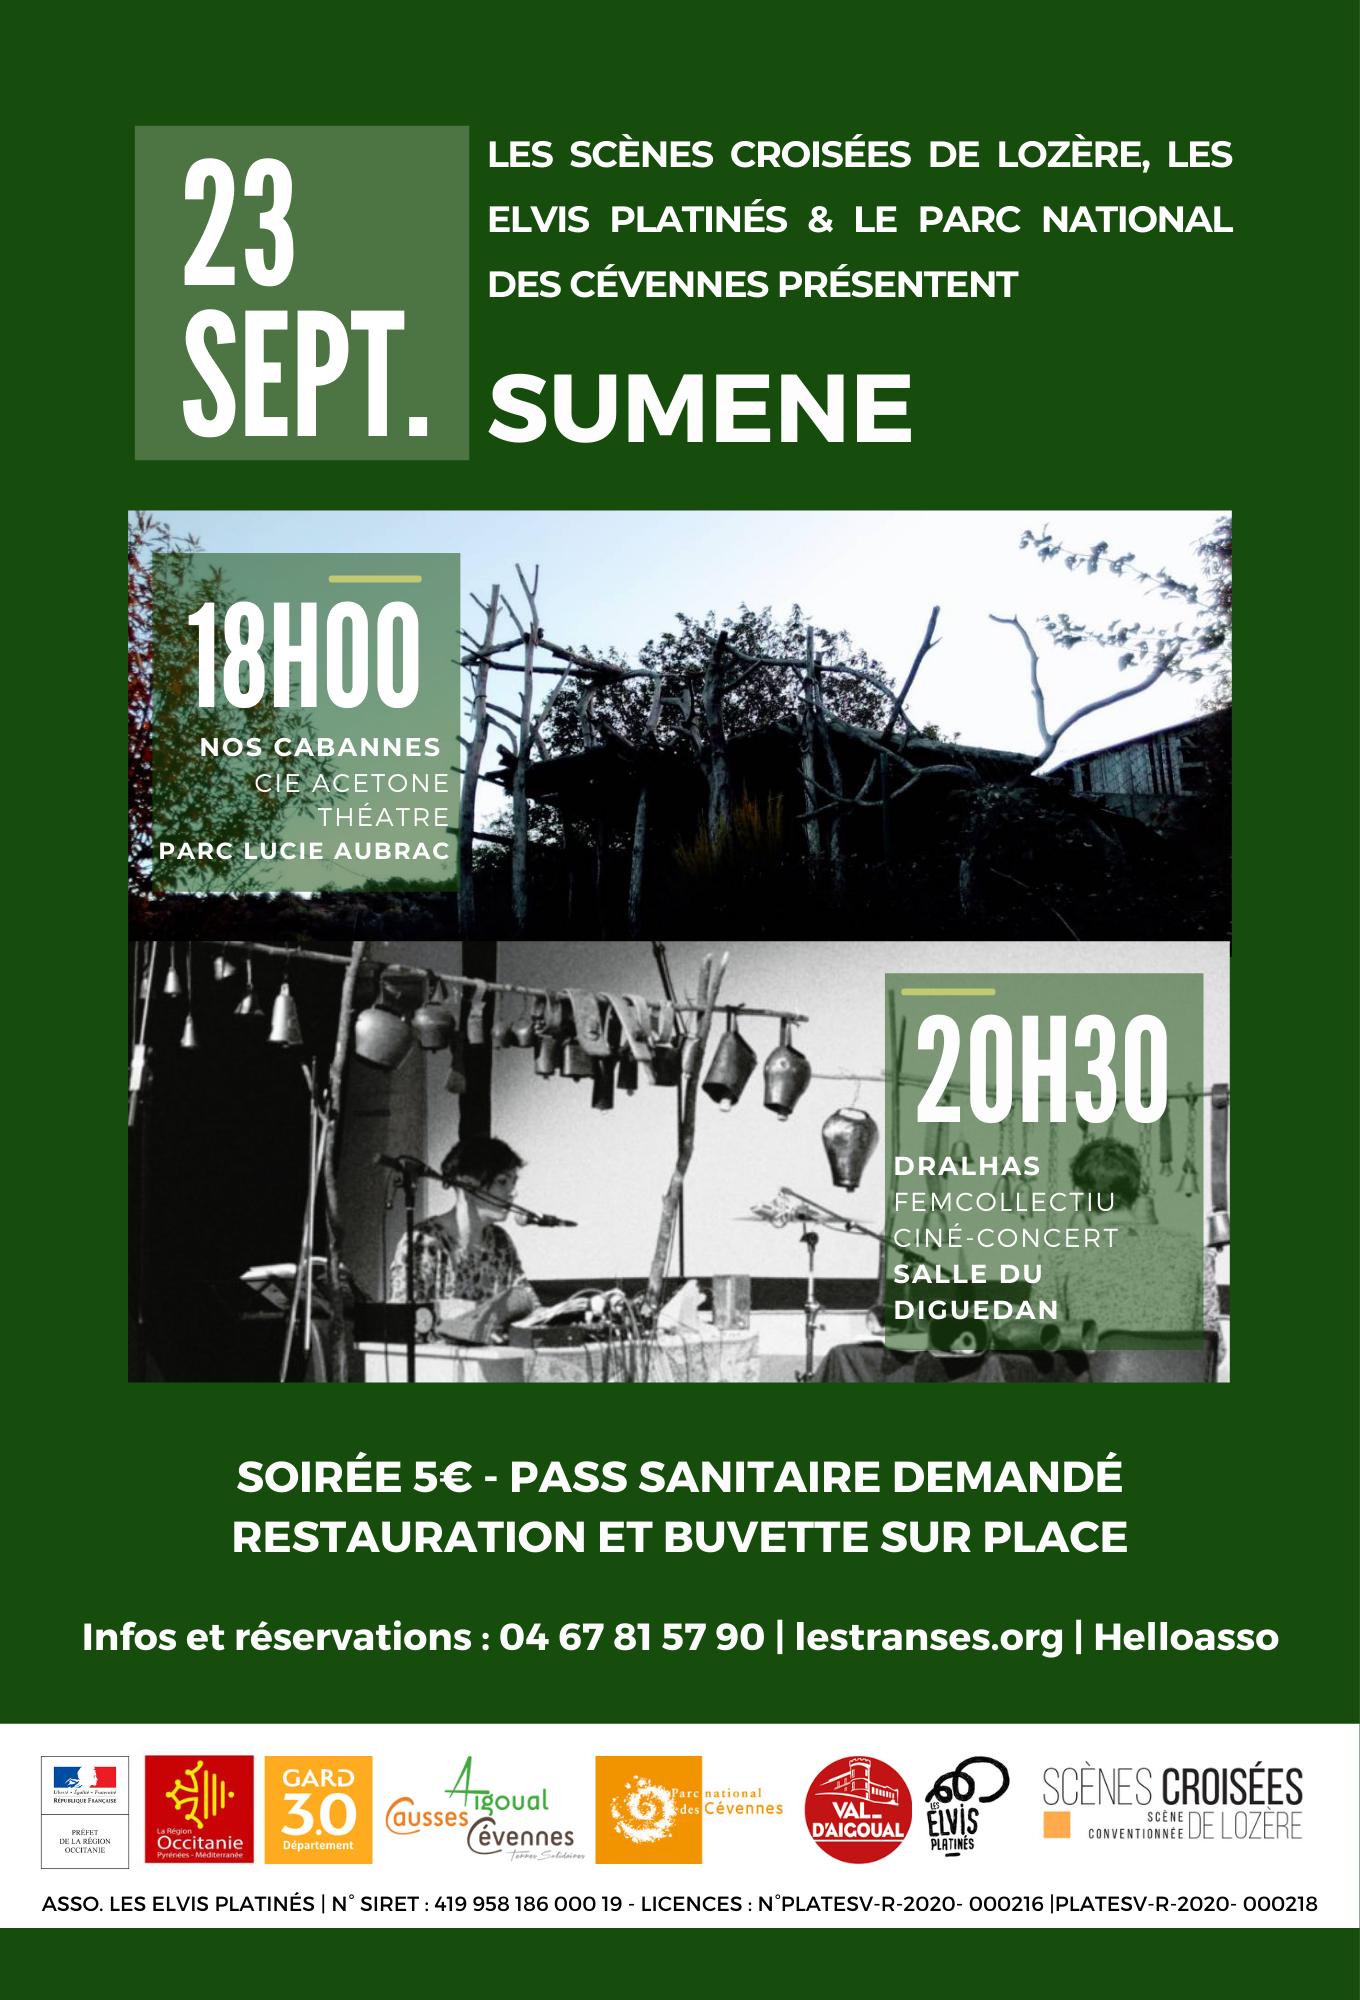 Soirée spectacle et ciné-concert à Sumène